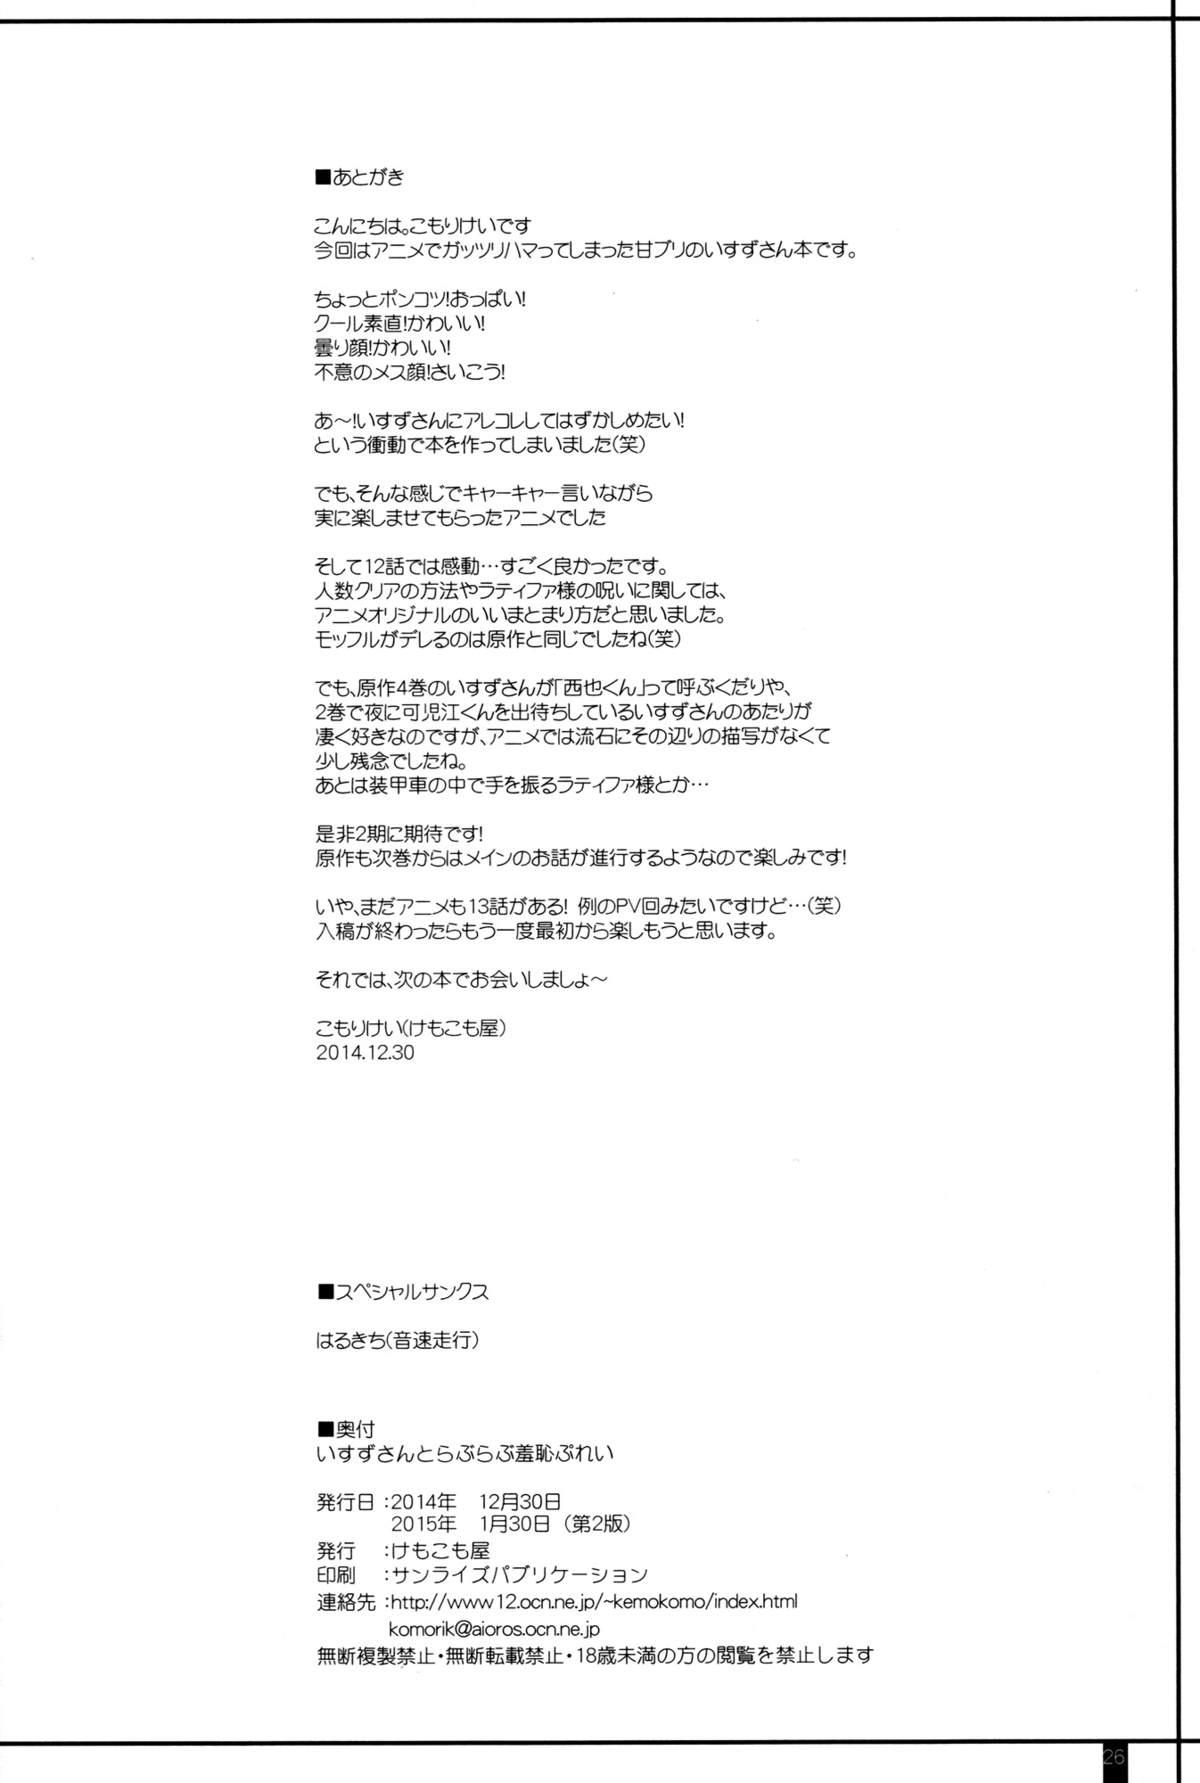 Isuzu-san to Love Love Shuuchi Play 24